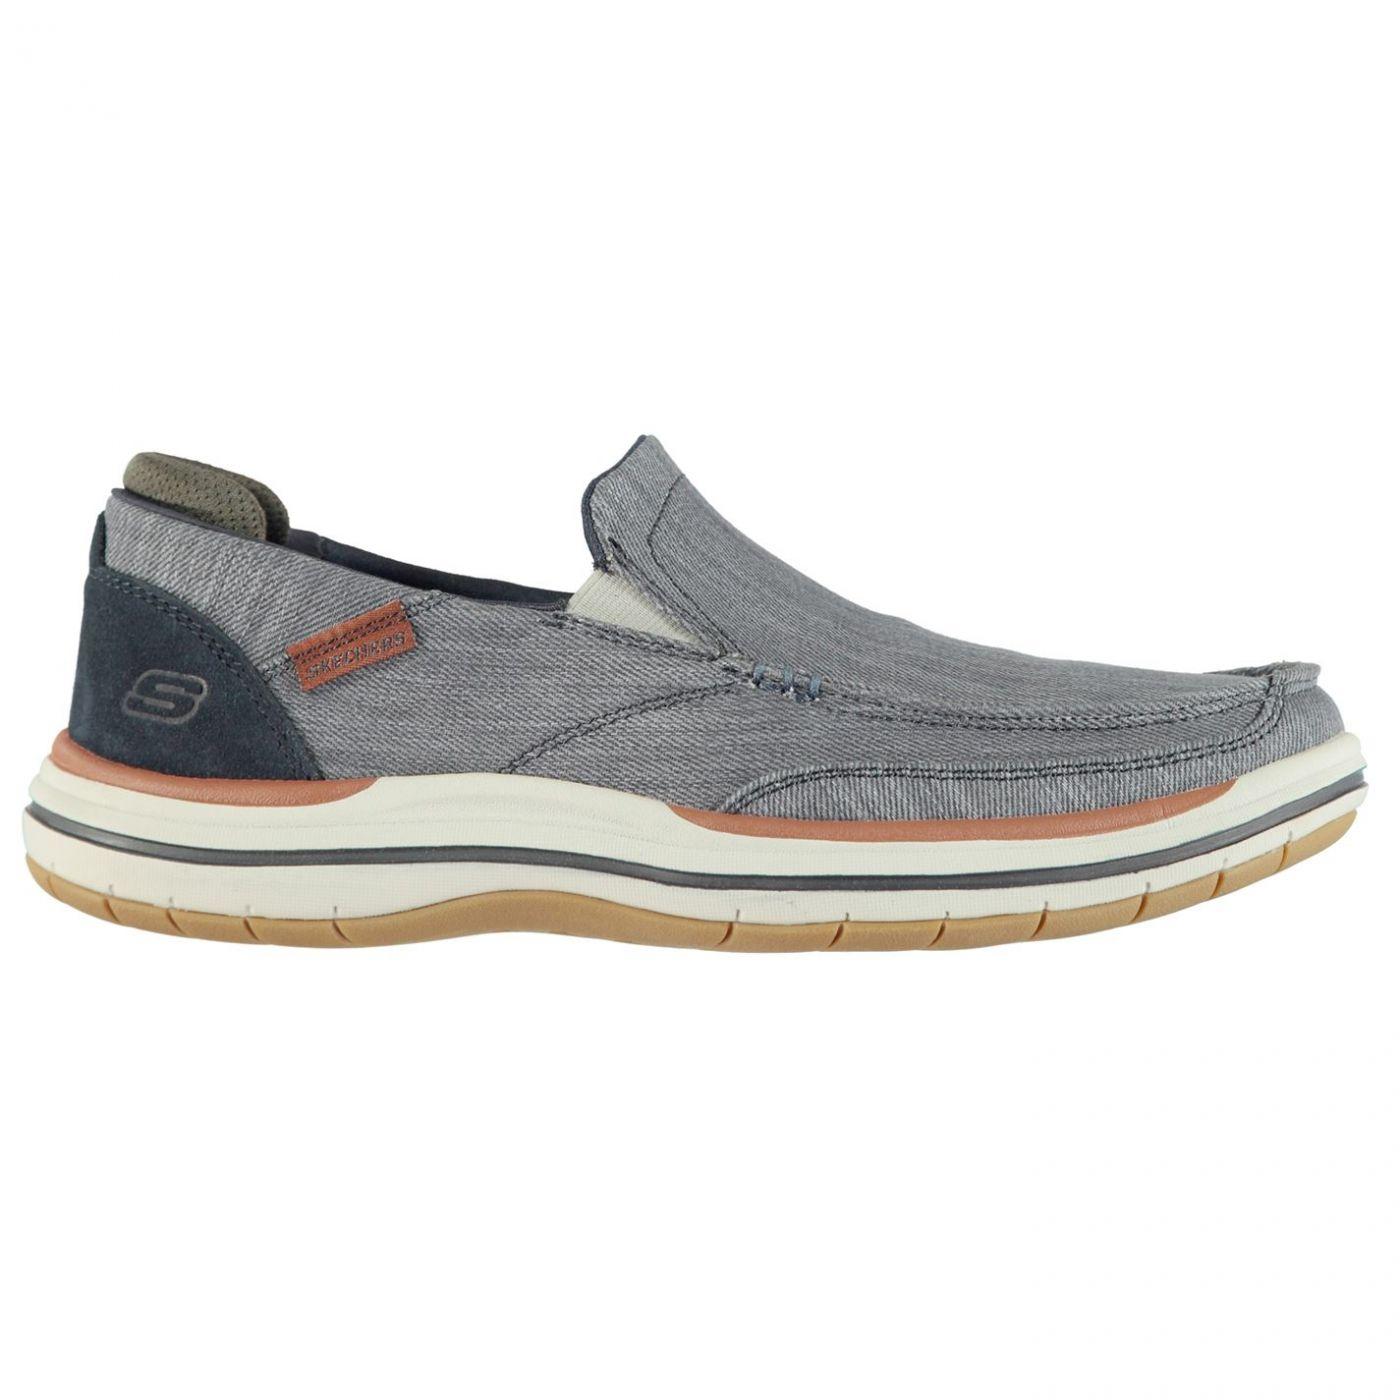 Skechers Elson Amster Mens Slip On Shoes